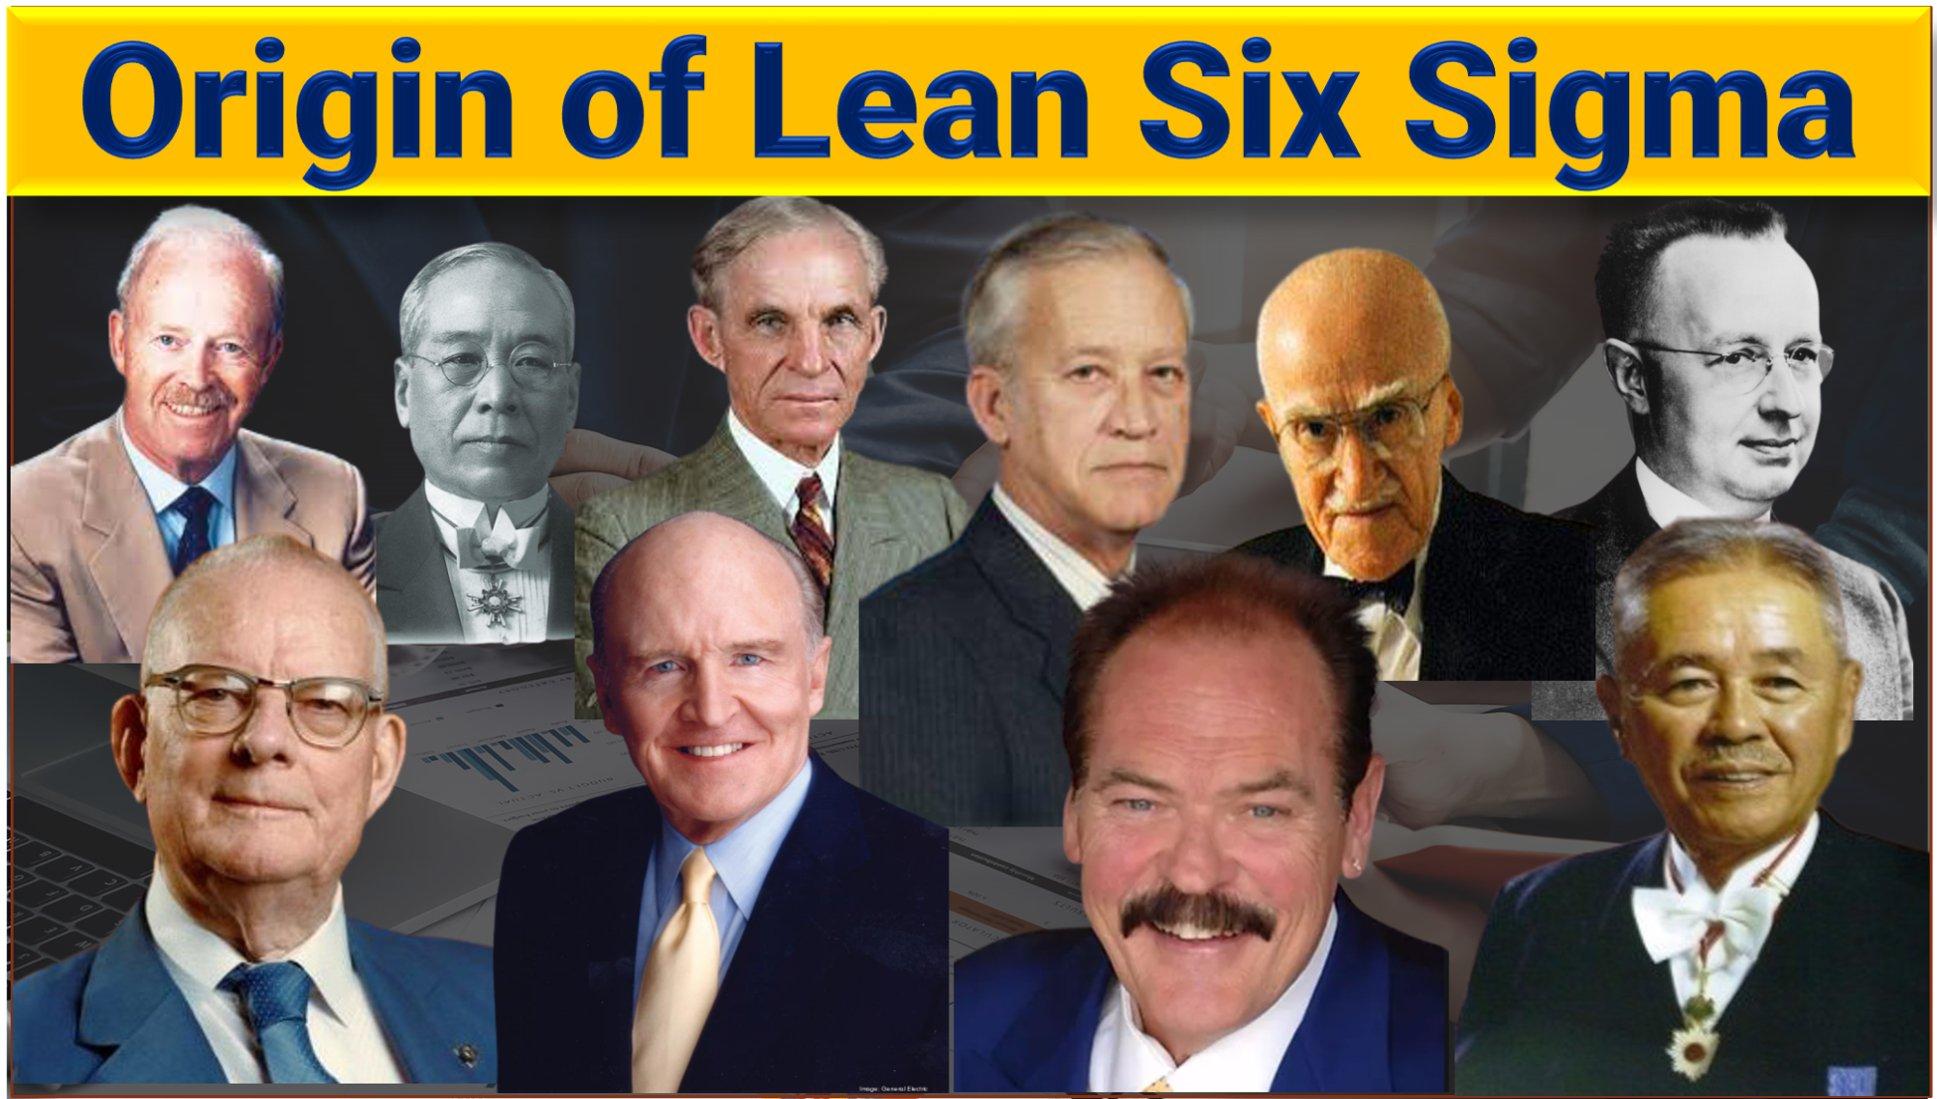 Origin of Lean six sigma